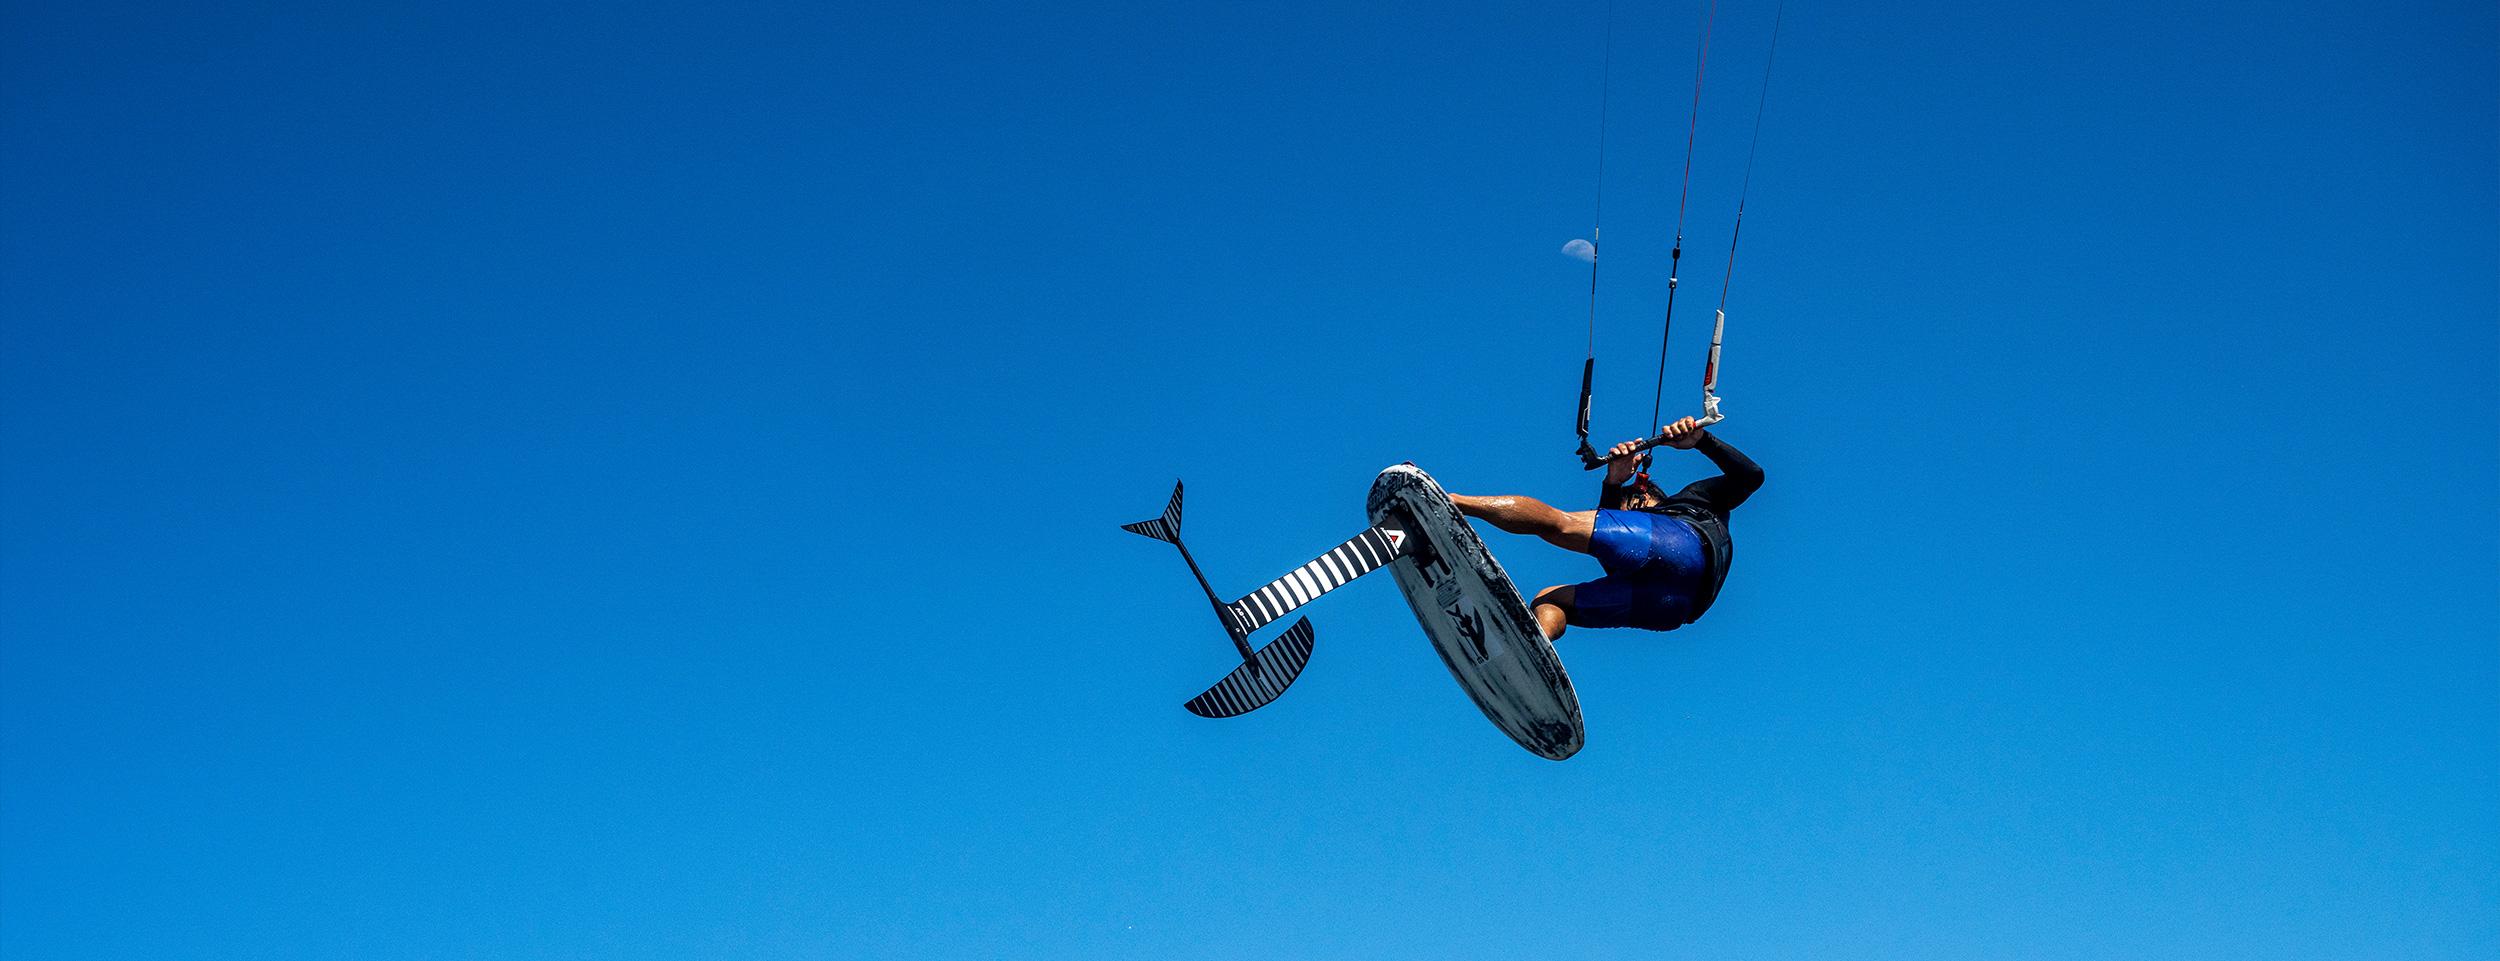 Episode 1:Kite Surfer Jun Adegawa